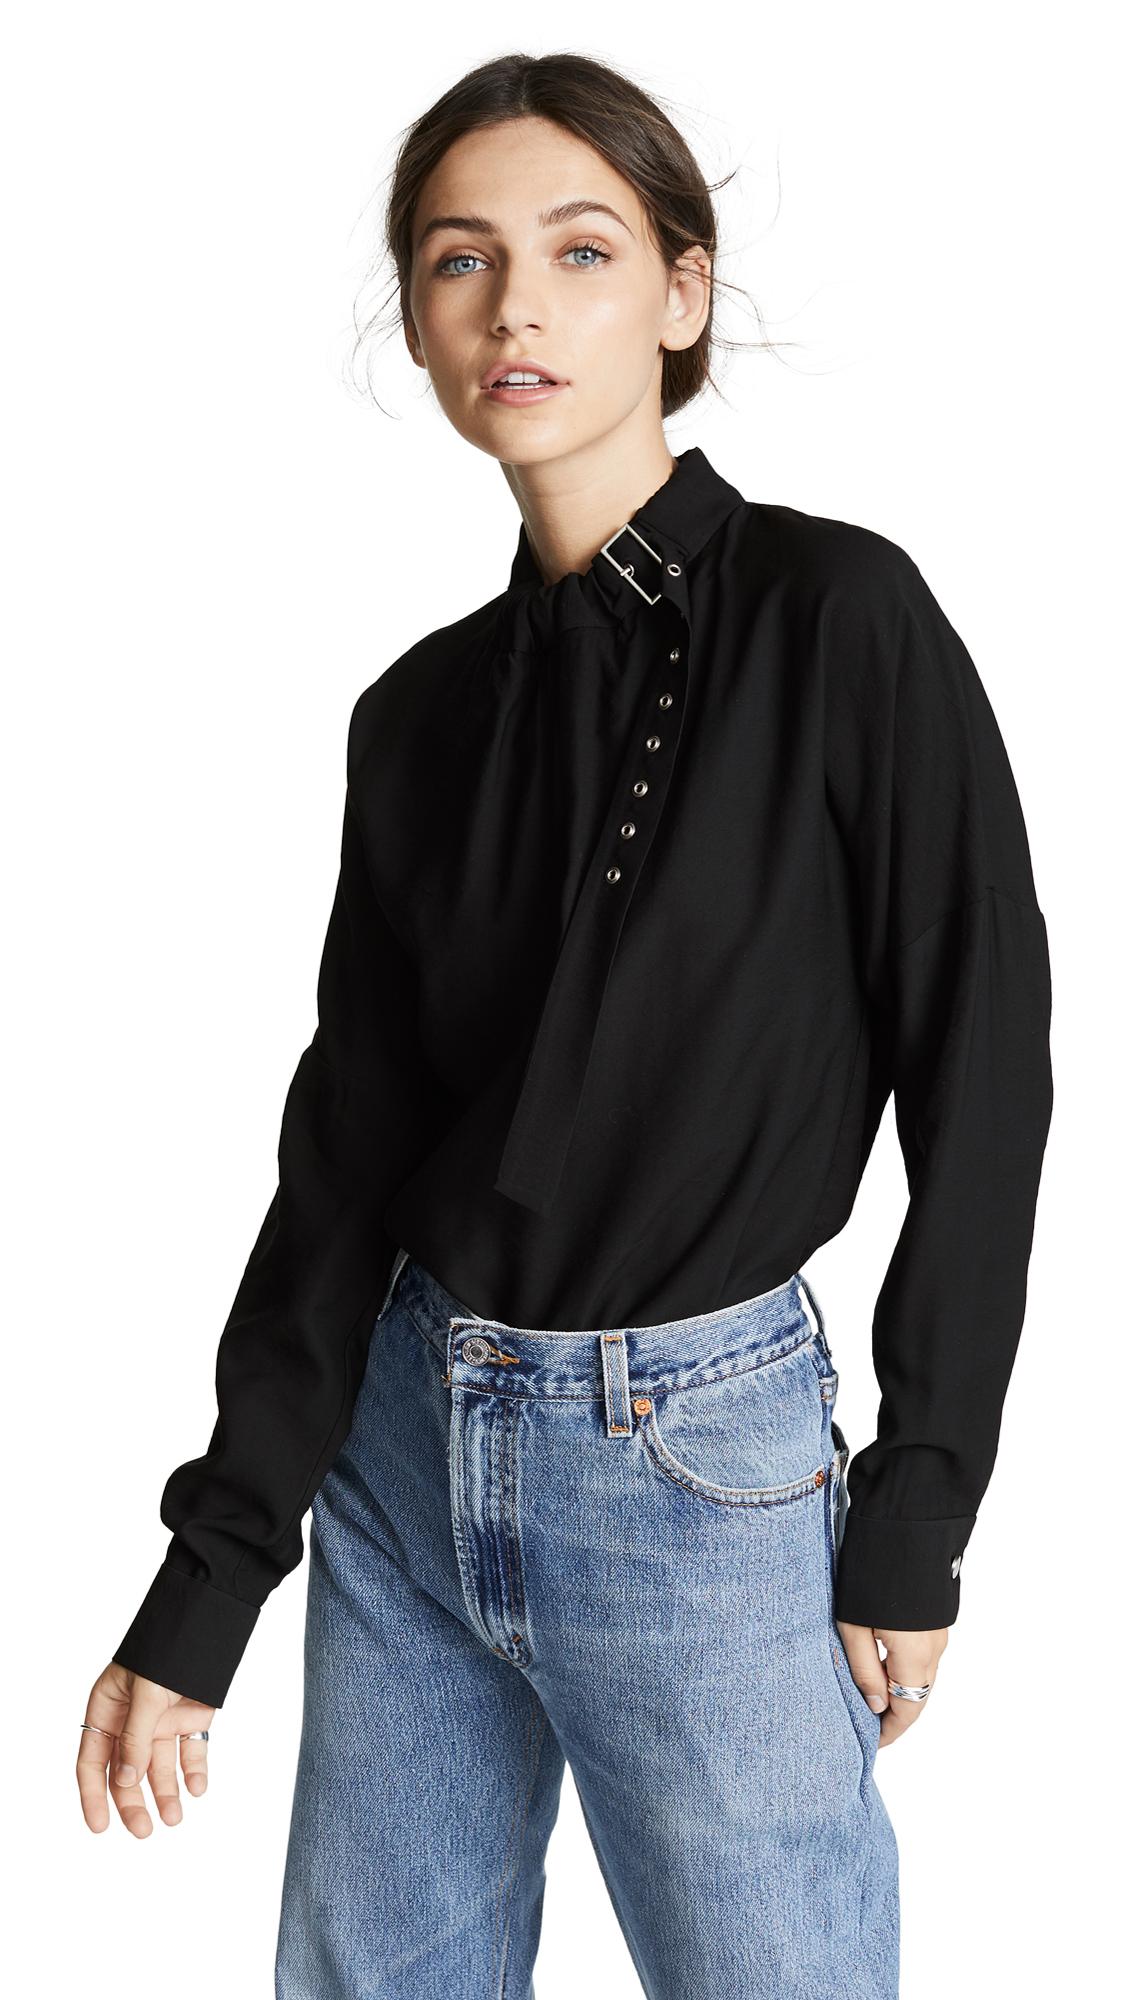 Tibi Long Sleeve Buckle Top In Black